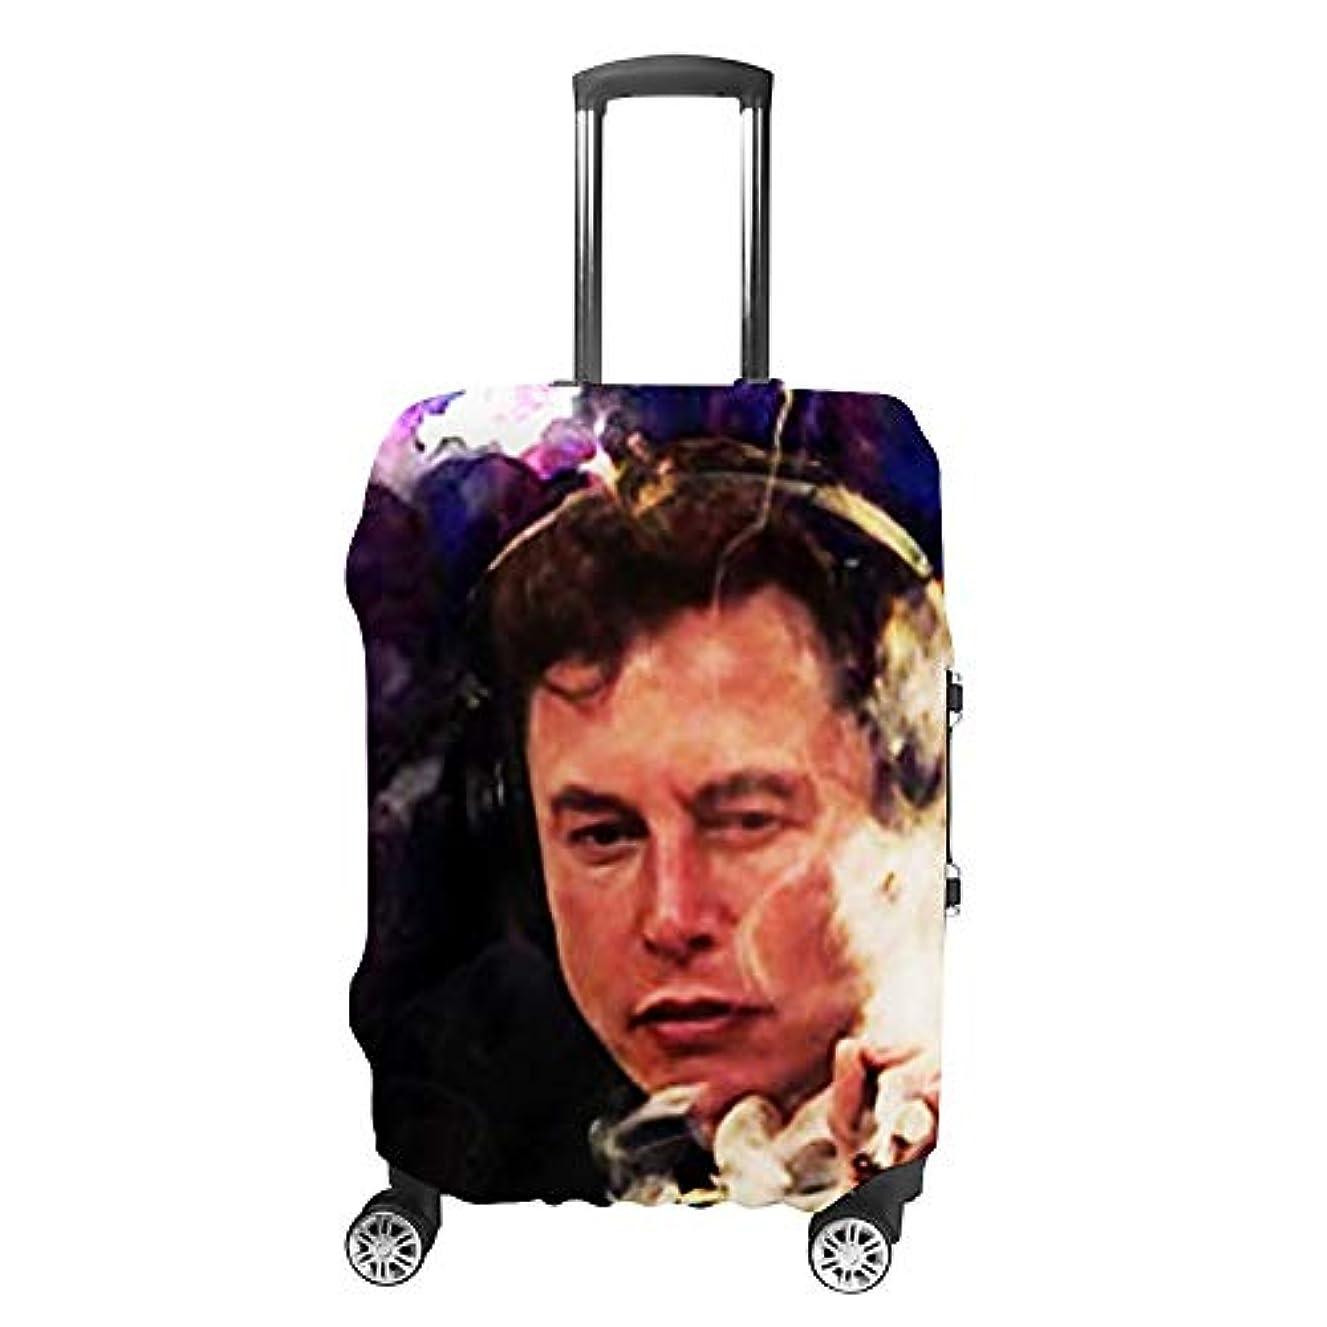 薄暗いスーツ見出しElon Musk ファッション旅行荷物カバースーツケース荷物プロテクター旅行カバー男性用女性用